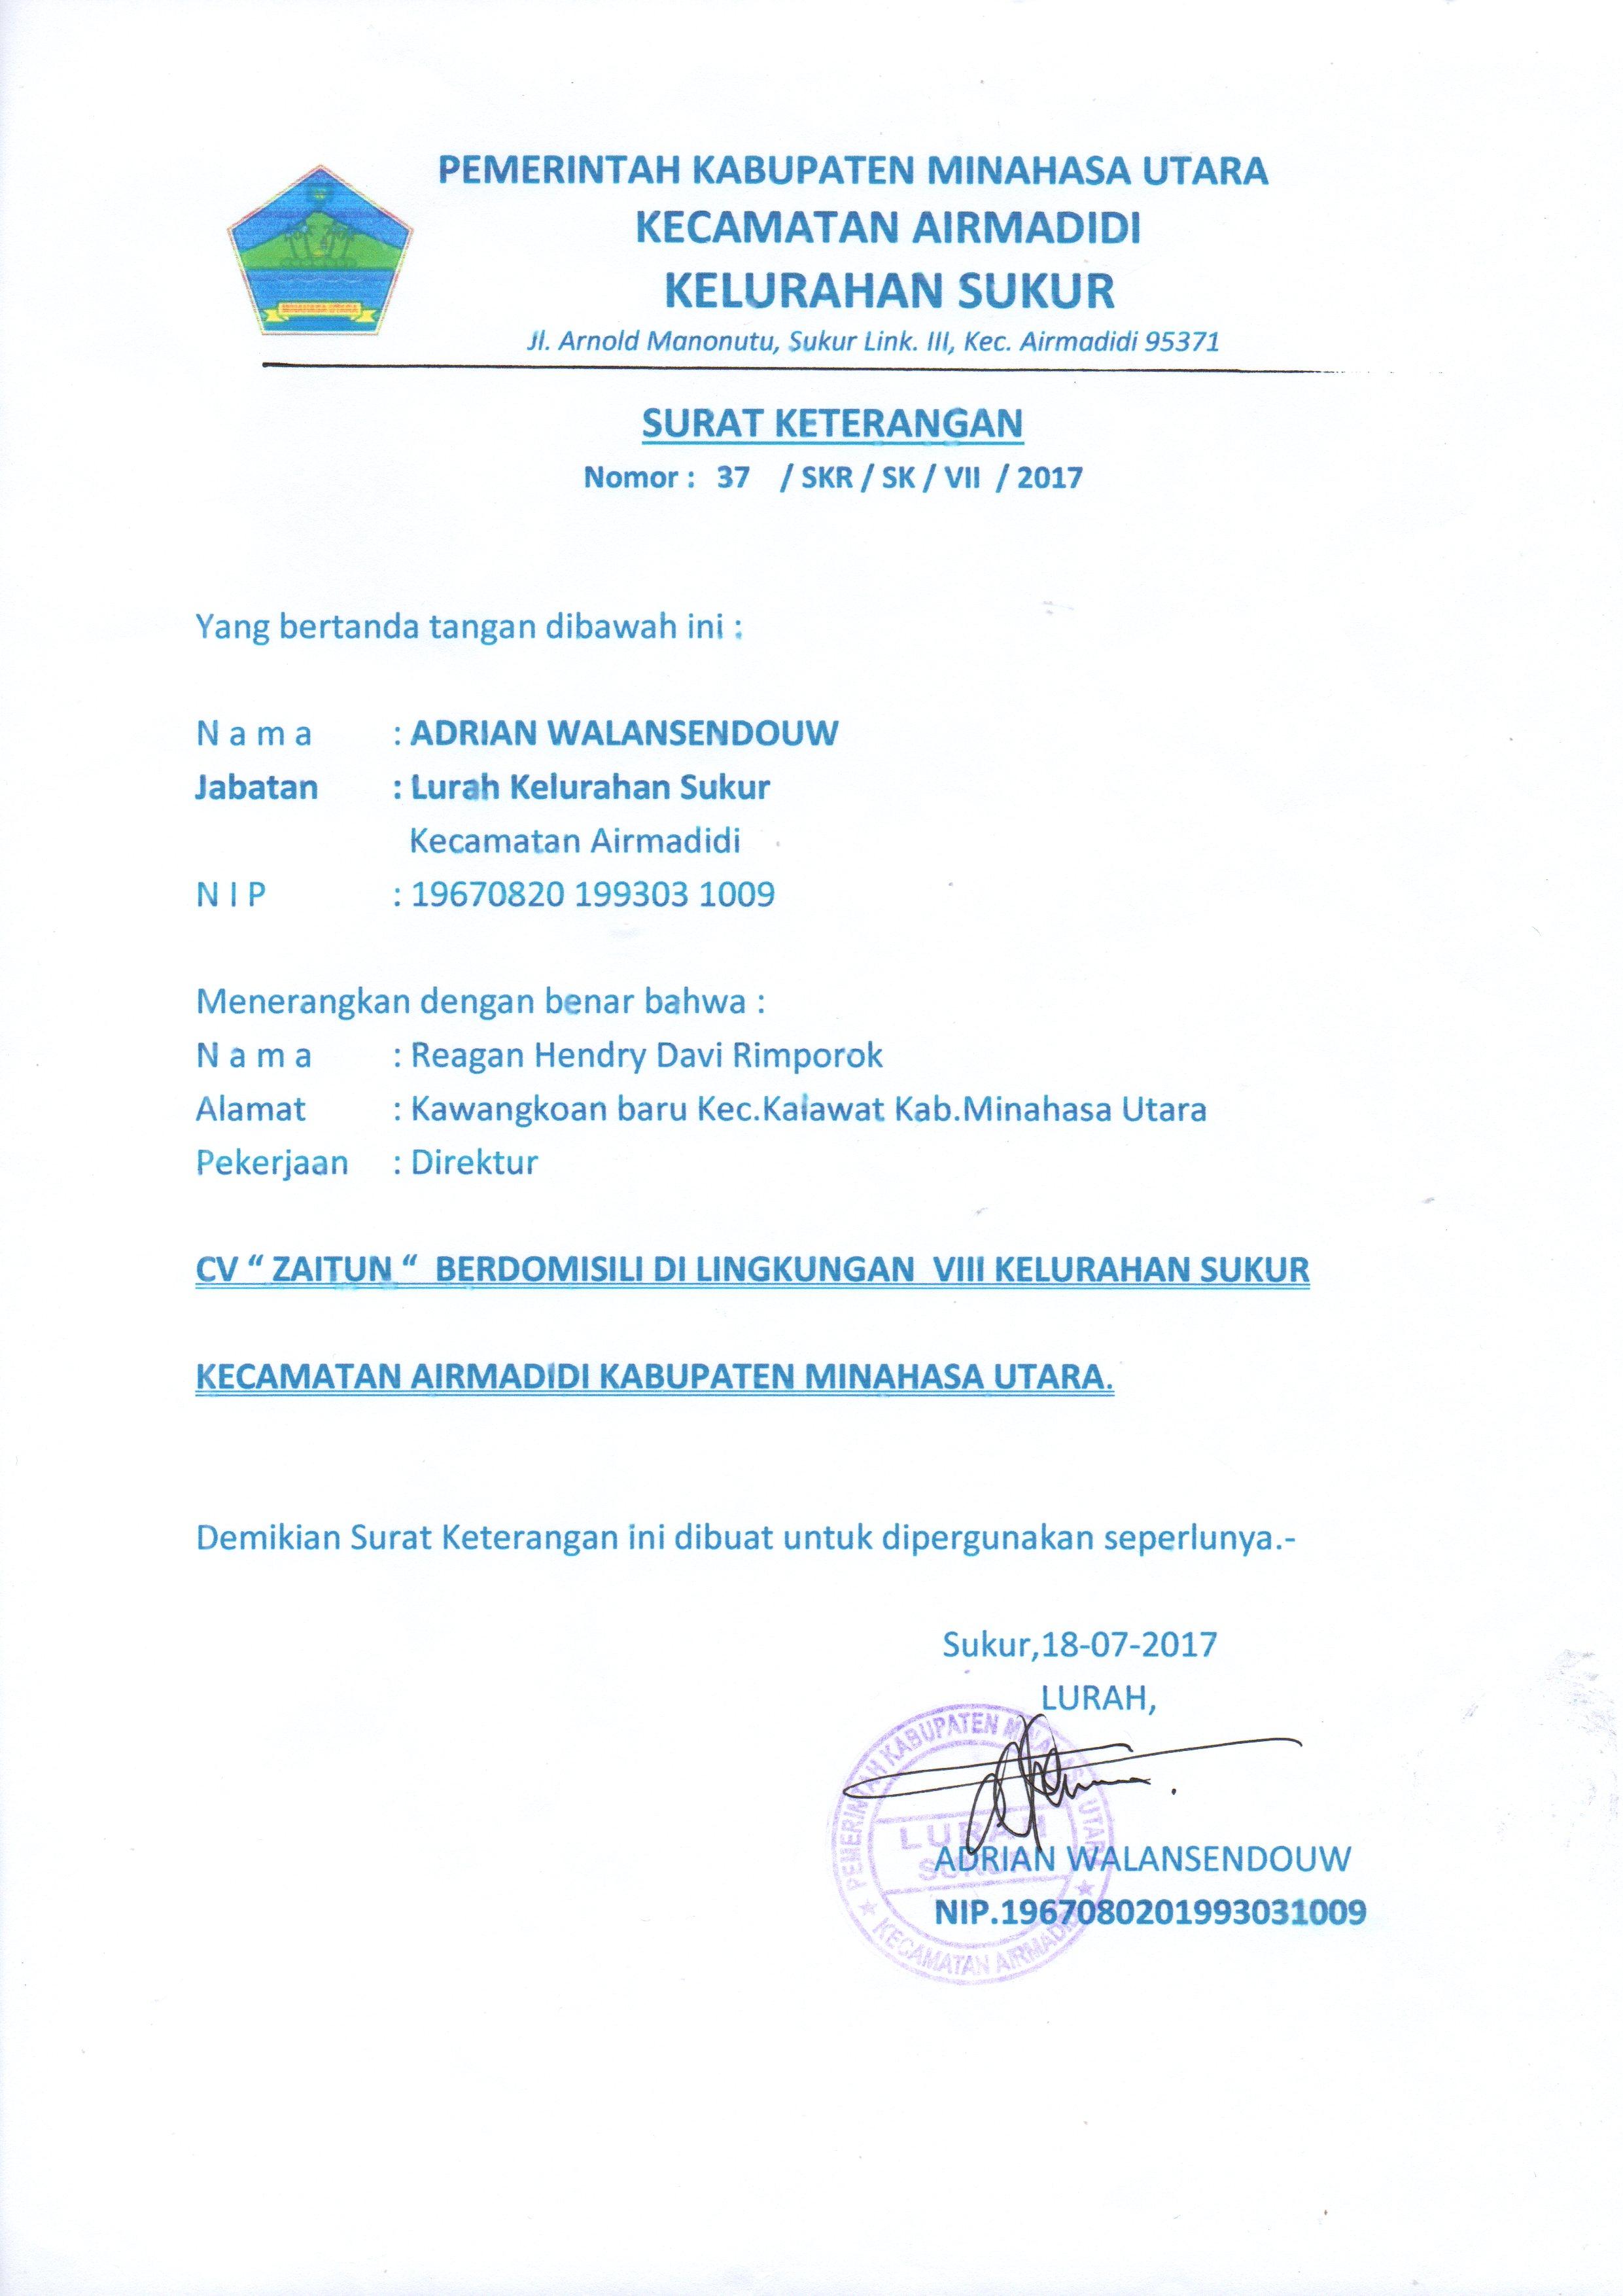 Legality Jasa Paket Ekspedisi Murah Manado